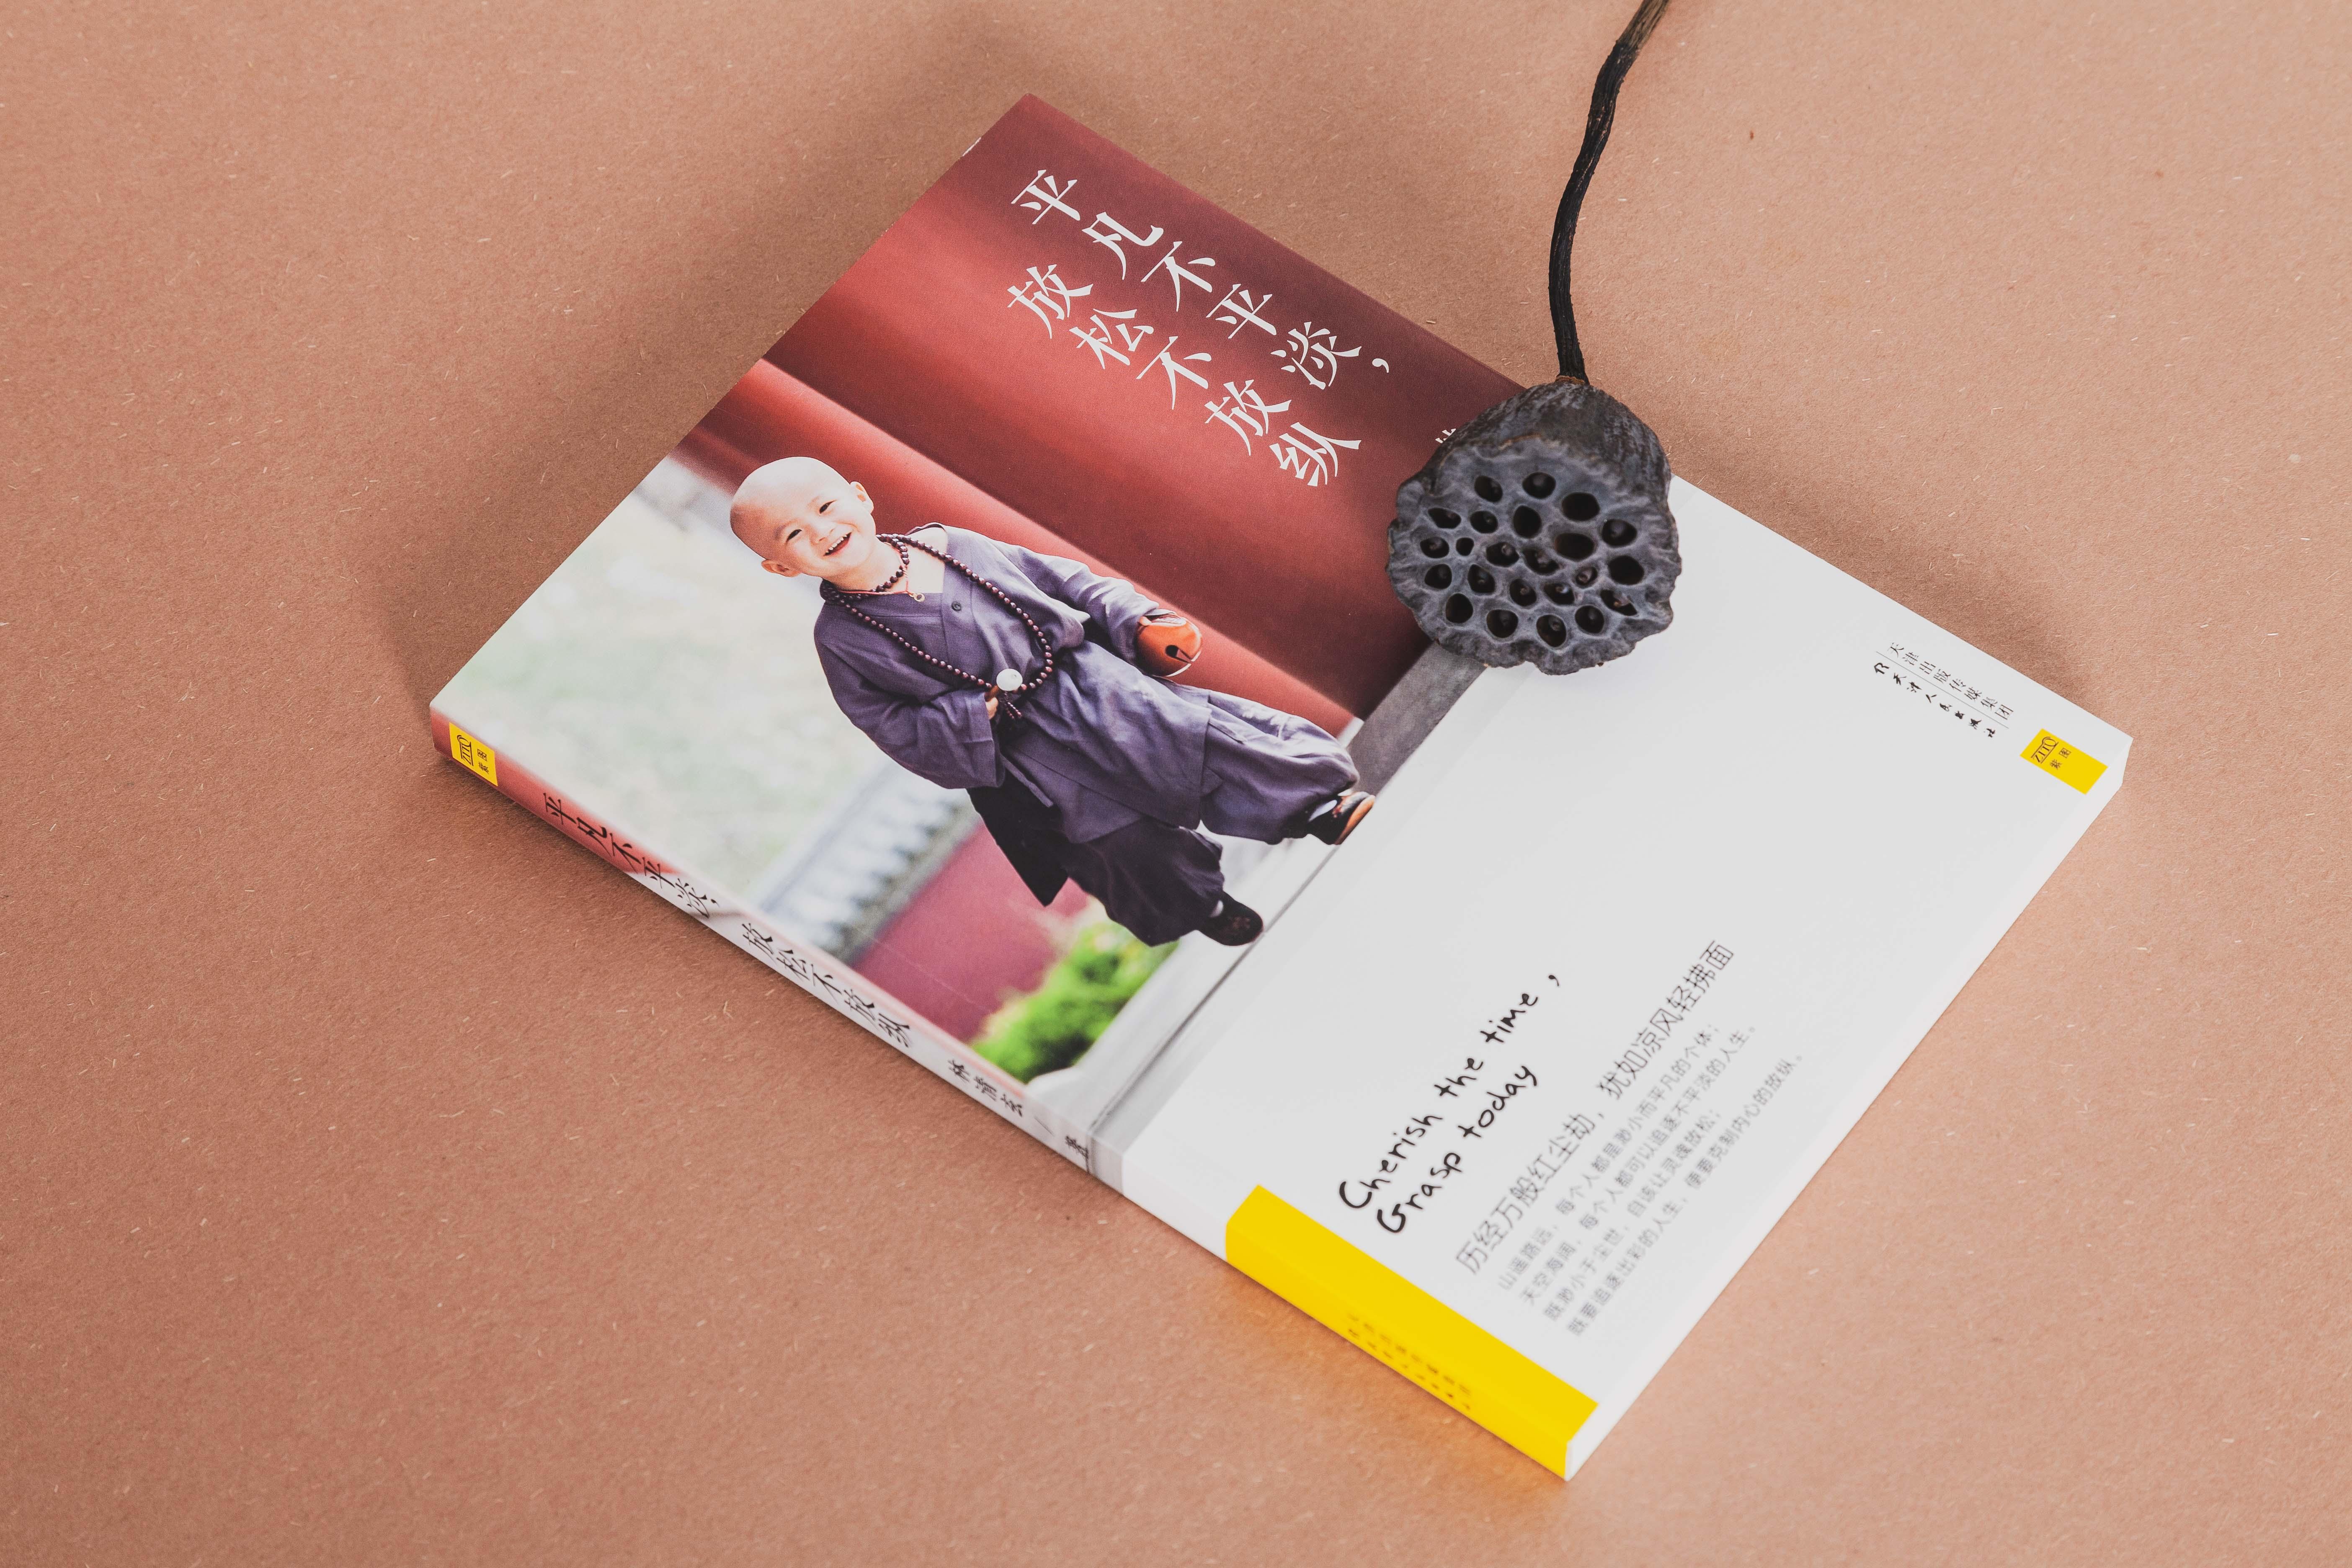 《平凡不平淡,放松不放纵》丨林清玄先生首部以自律为主题的散文集 商品图1